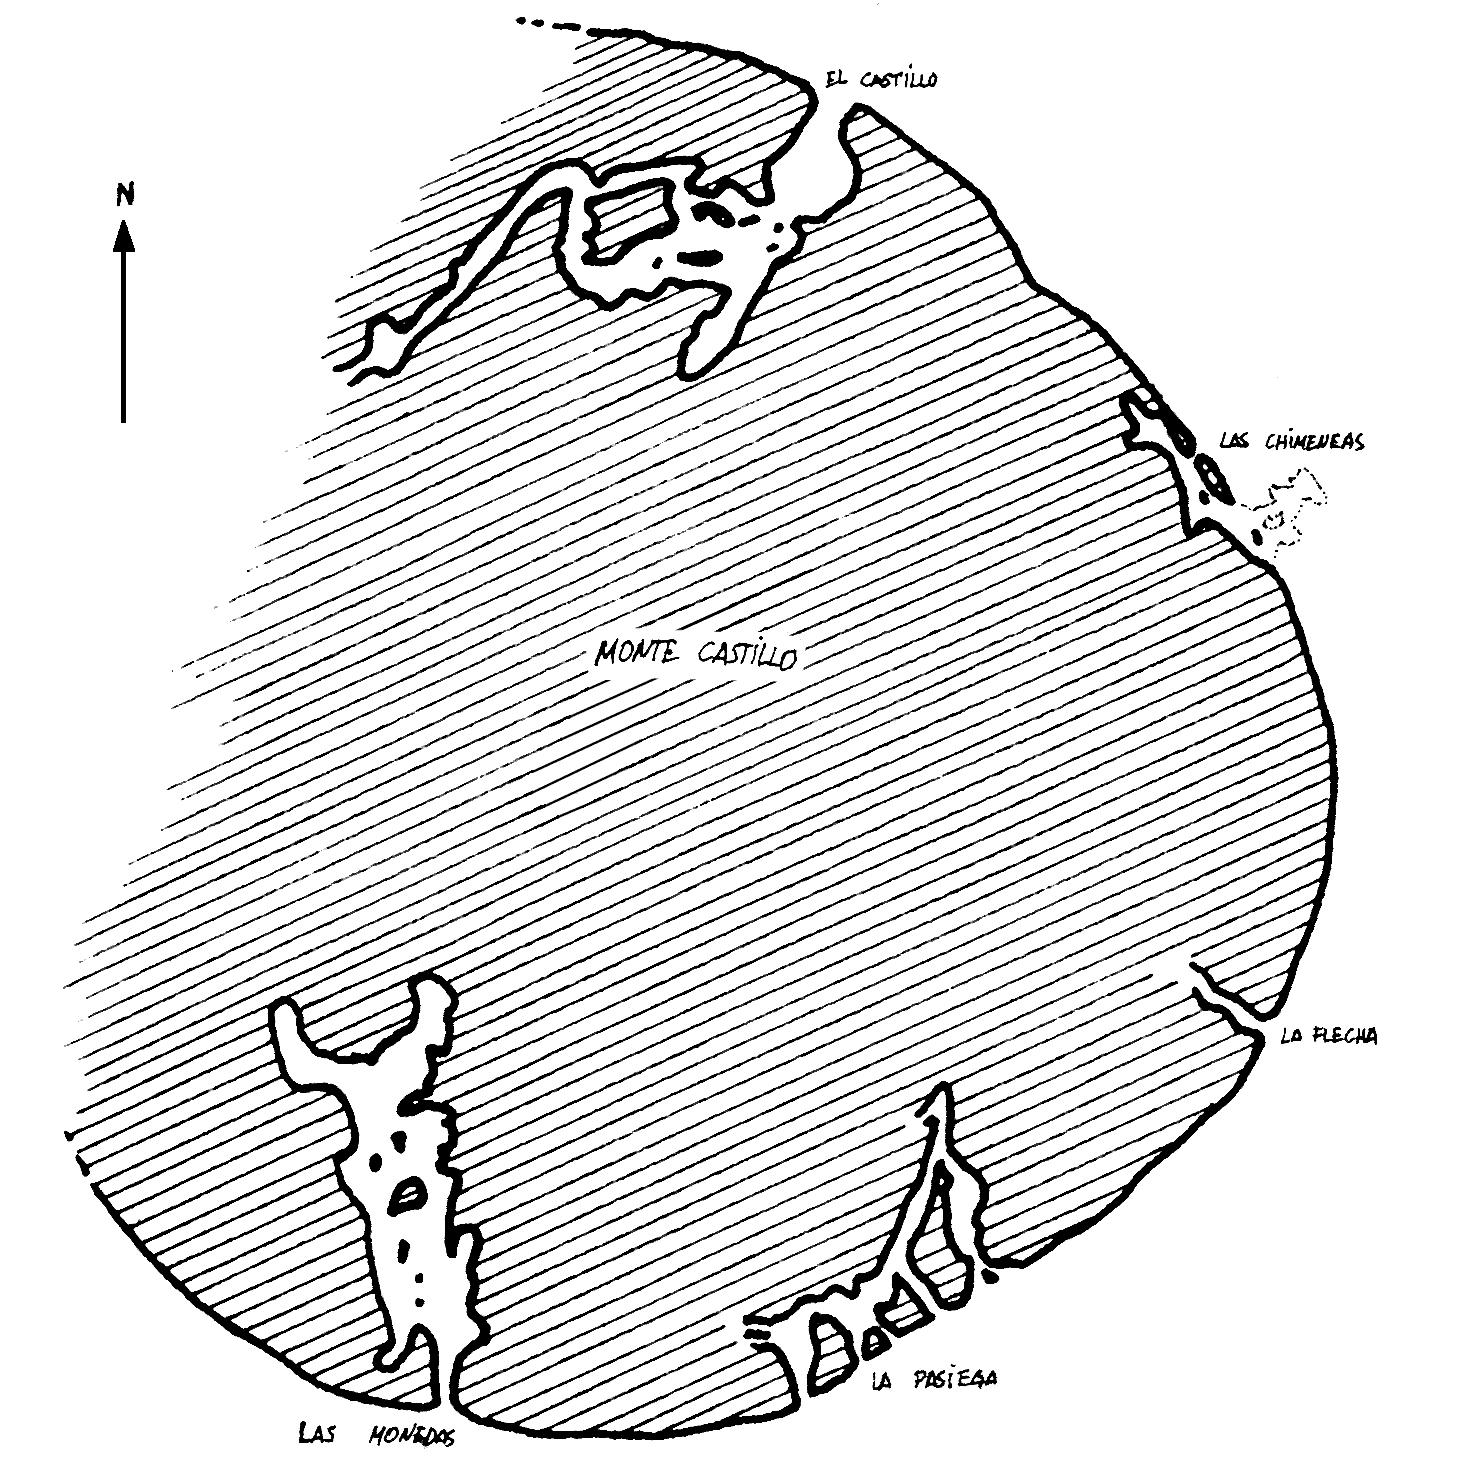 File:Plano del Monte Castillo (cuevas).png - Wikimedia Commons